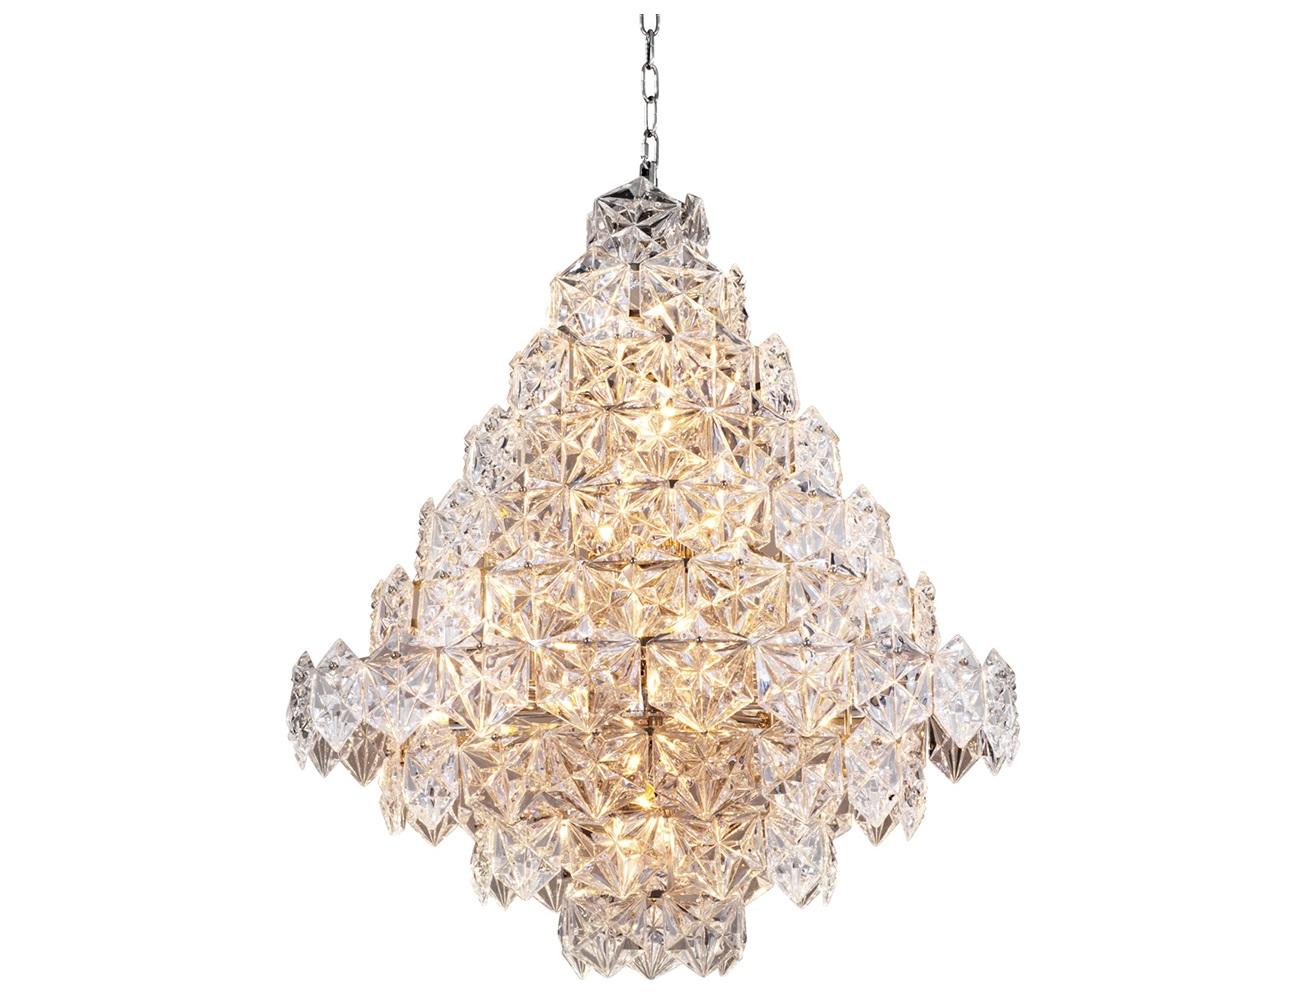 Люстра Chandelier Hermitage LЛюстры подвесные<br>Подвесной светильник Chandelier Hermitage L на никелированной арматуре. Плафон выполнен из множества пластин из фактурного прозрачного стекла. Высота светильника регулируется за счет звеньев цепи.&amp;lt;div&amp;gt;&amp;lt;br&amp;gt;&amp;lt;/div&amp;gt;&amp;lt;div&amp;gt;&amp;lt;div&amp;gt;Вид цоколя: E14&amp;lt;/div&amp;gt;&amp;lt;div&amp;gt;Мощность лампы: 40W&amp;lt;/div&amp;gt;&amp;lt;div&amp;gt;Количество ламп: 12&amp;lt;/div&amp;gt;&amp;lt;/div&amp;gt;&amp;lt;div&amp;gt;&amp;lt;br&amp;gt;&amp;lt;/div&amp;gt;&amp;lt;div&amp;gt;Лампочки в комплект не входят.&amp;lt;/div&amp;gt;<br><br>Material: Стекло<br>Ширина см: 80<br>Высота см: 95<br>Глубина см: 80